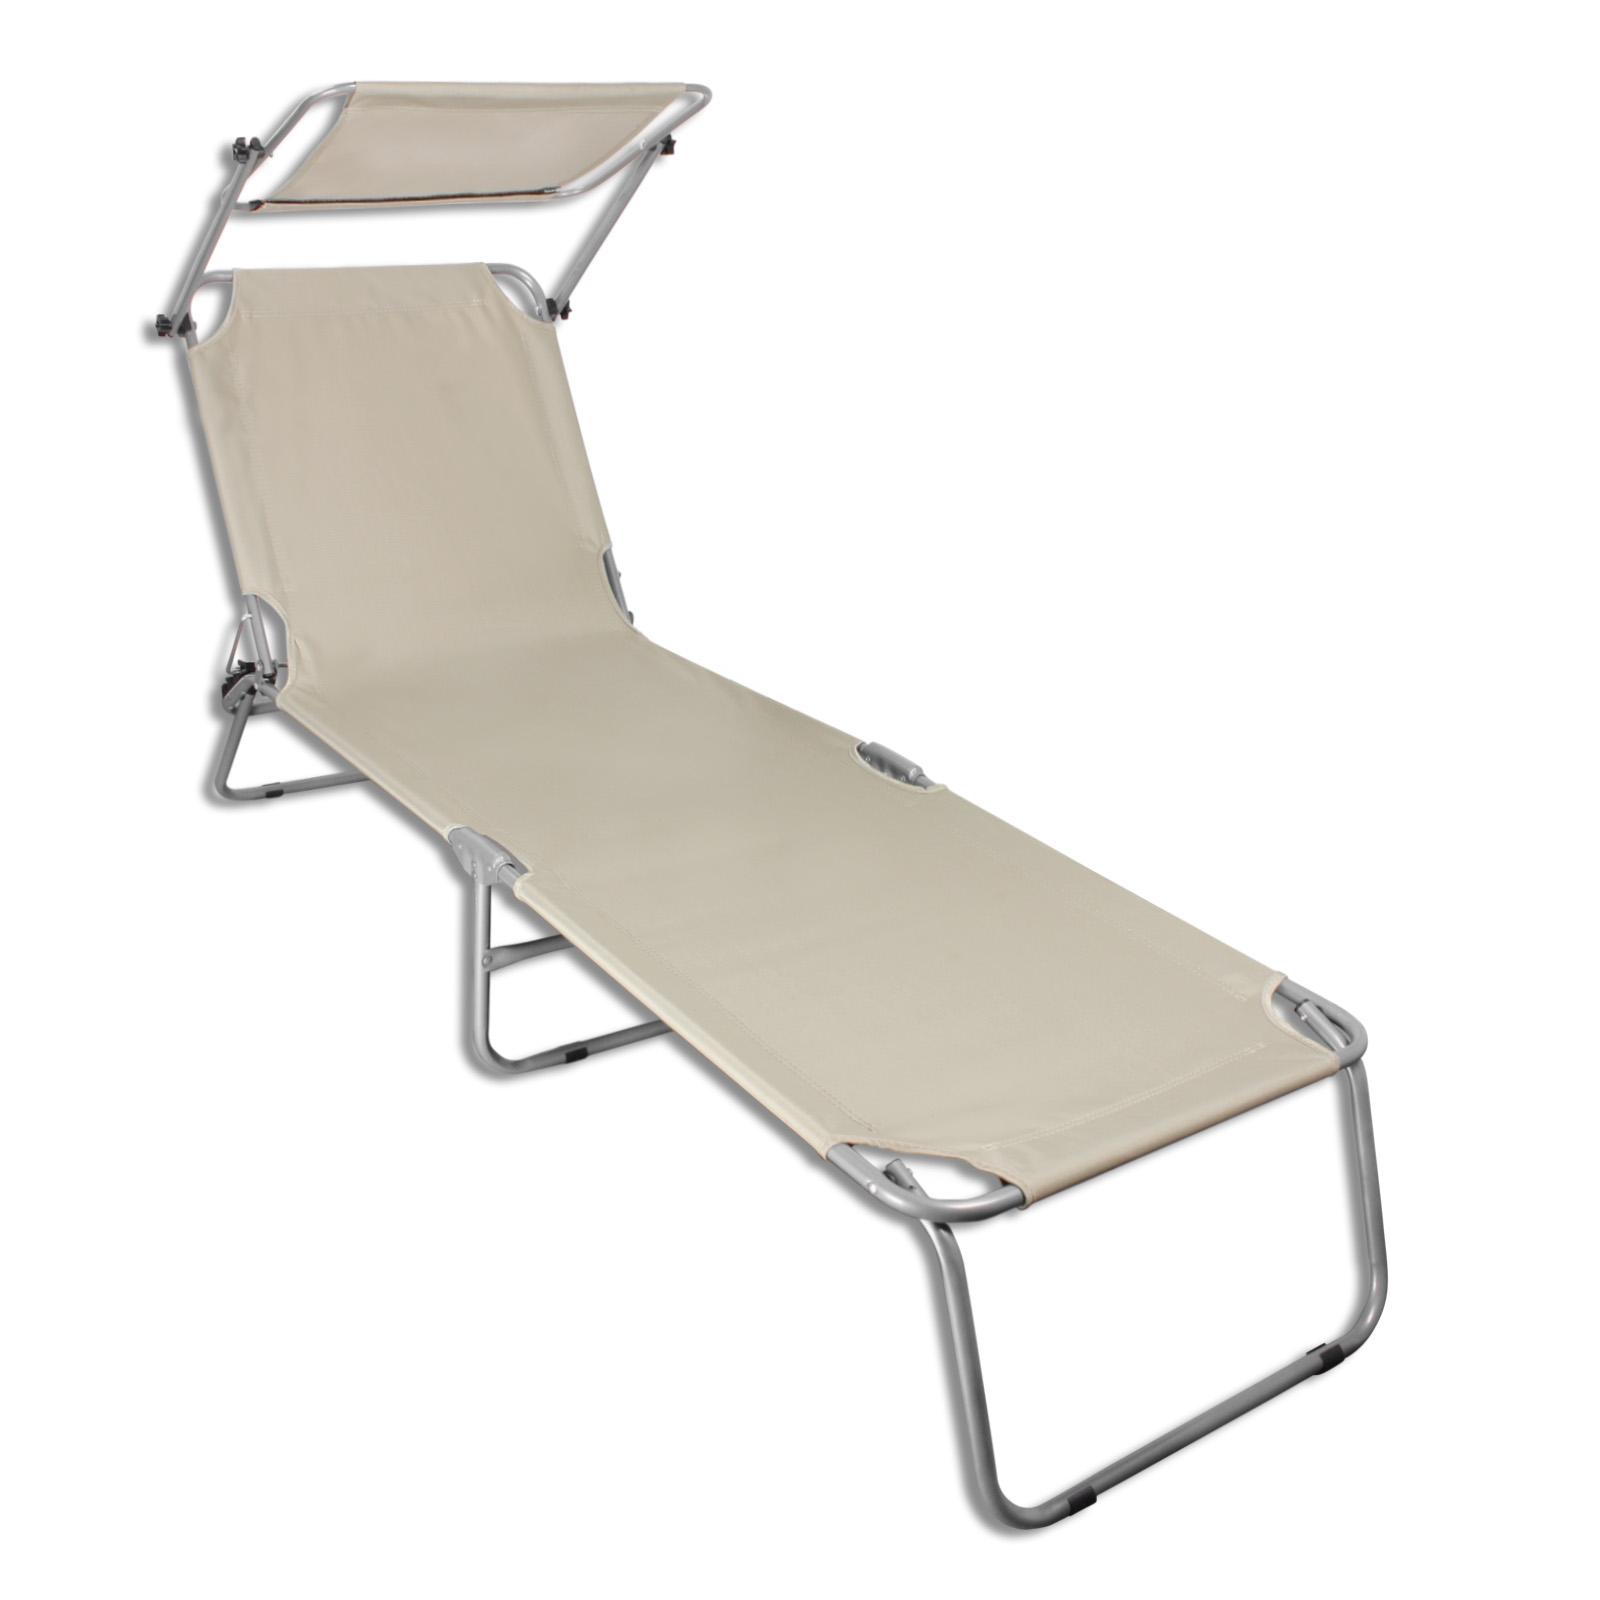 sonnenliege mit sonnendach strandliege gartenliege liegestuhl stahl liege ebay. Black Bedroom Furniture Sets. Home Design Ideas